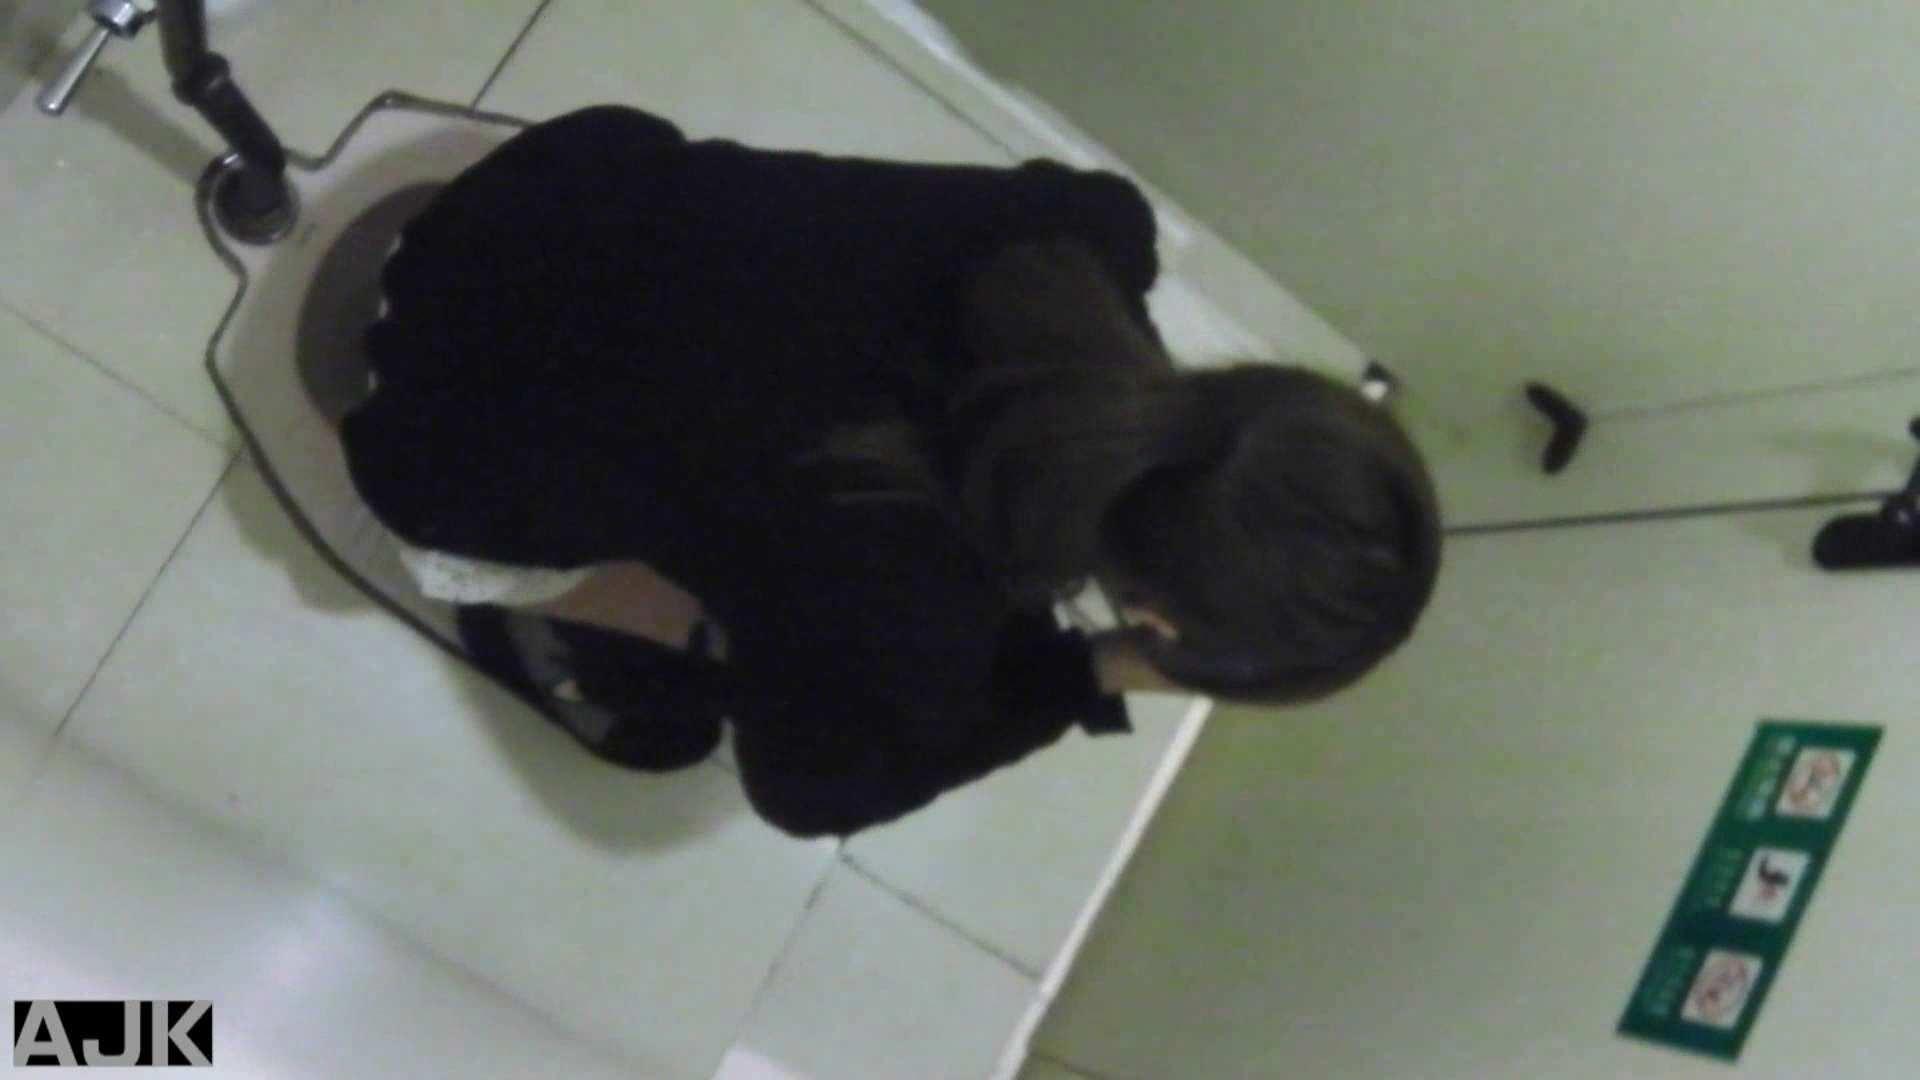 隣国上階級エリアの令嬢たちが集うデパートお手洗い Vol.27 お手洗い  59連発 42